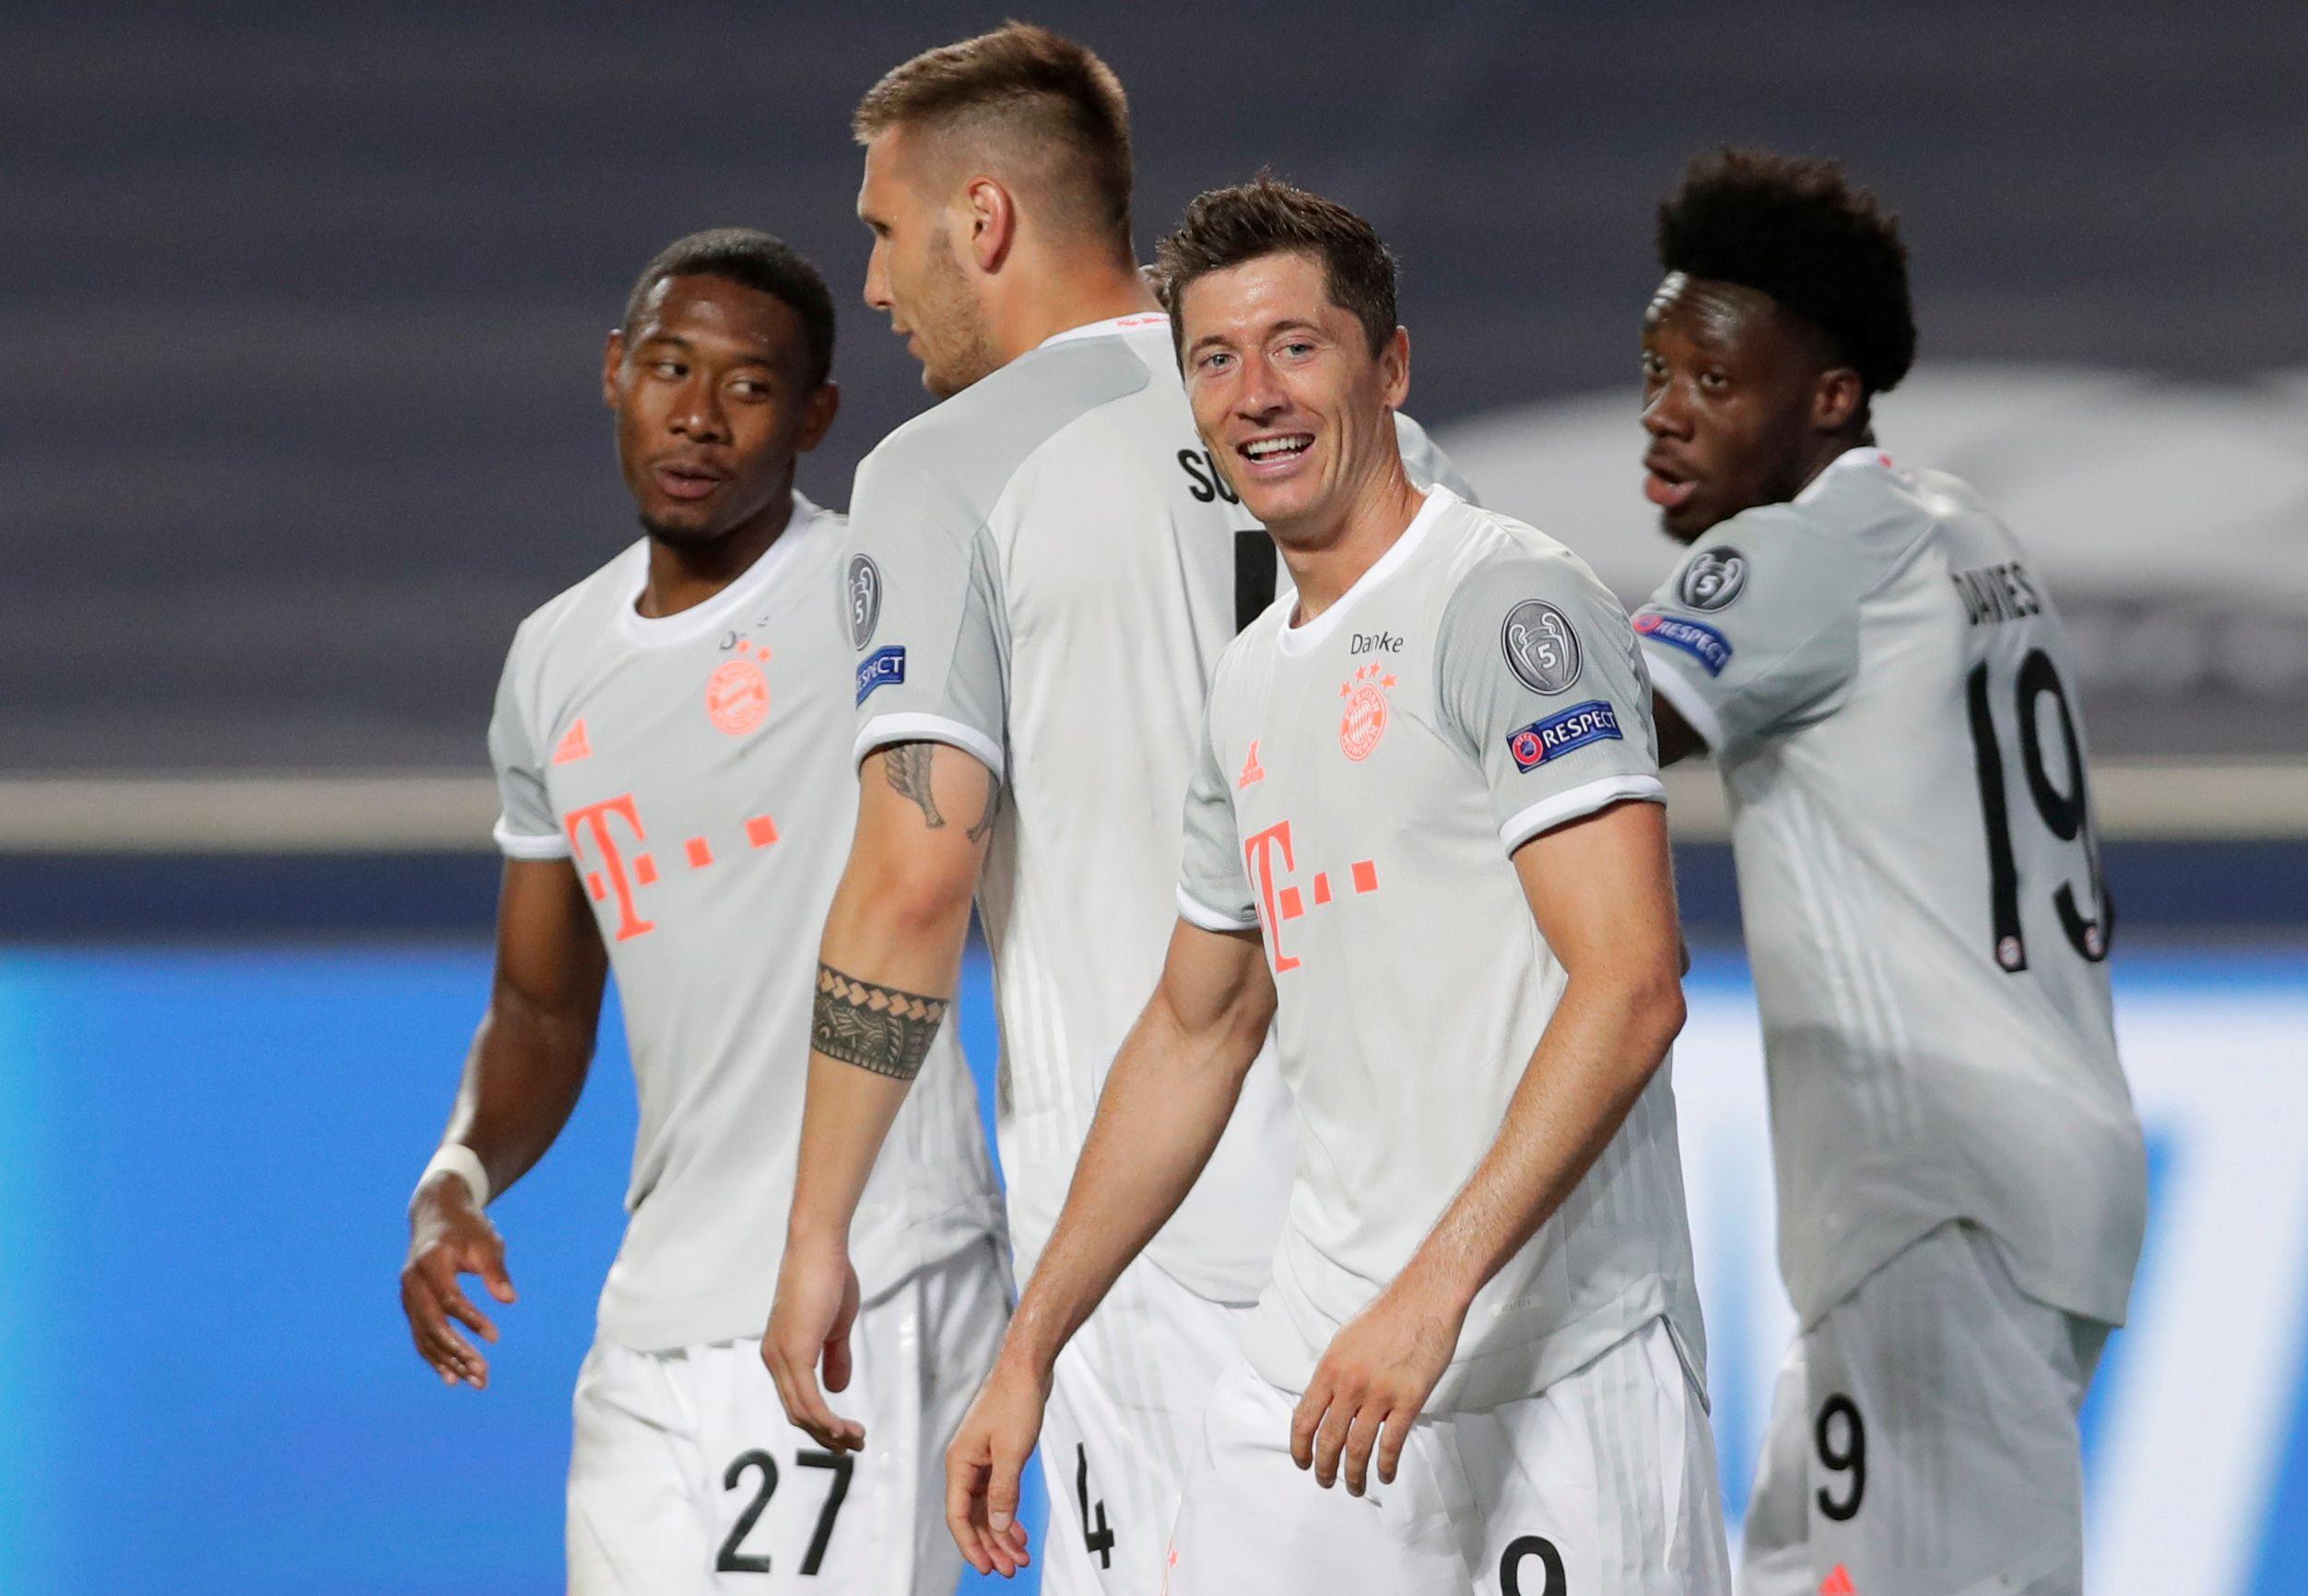 El Bayern Múnich fue una máquina y es el máximo aspirante al título de esta temporada (Manu Fernandez/Pool via REUTERS)